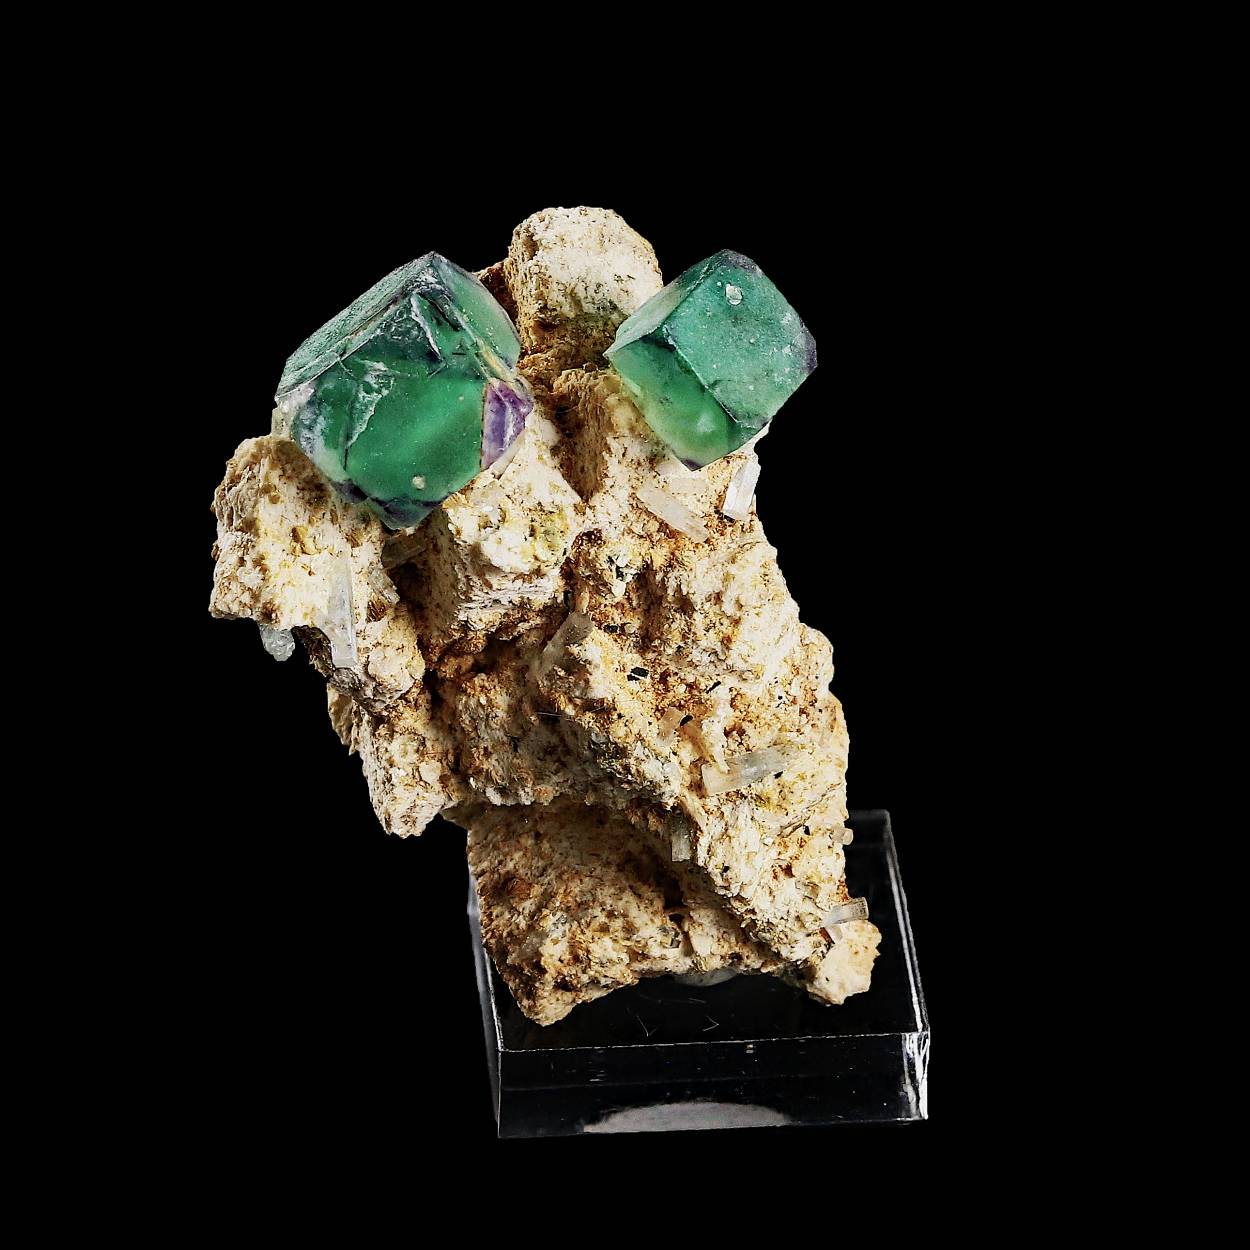 Aquamarine & Fluorite